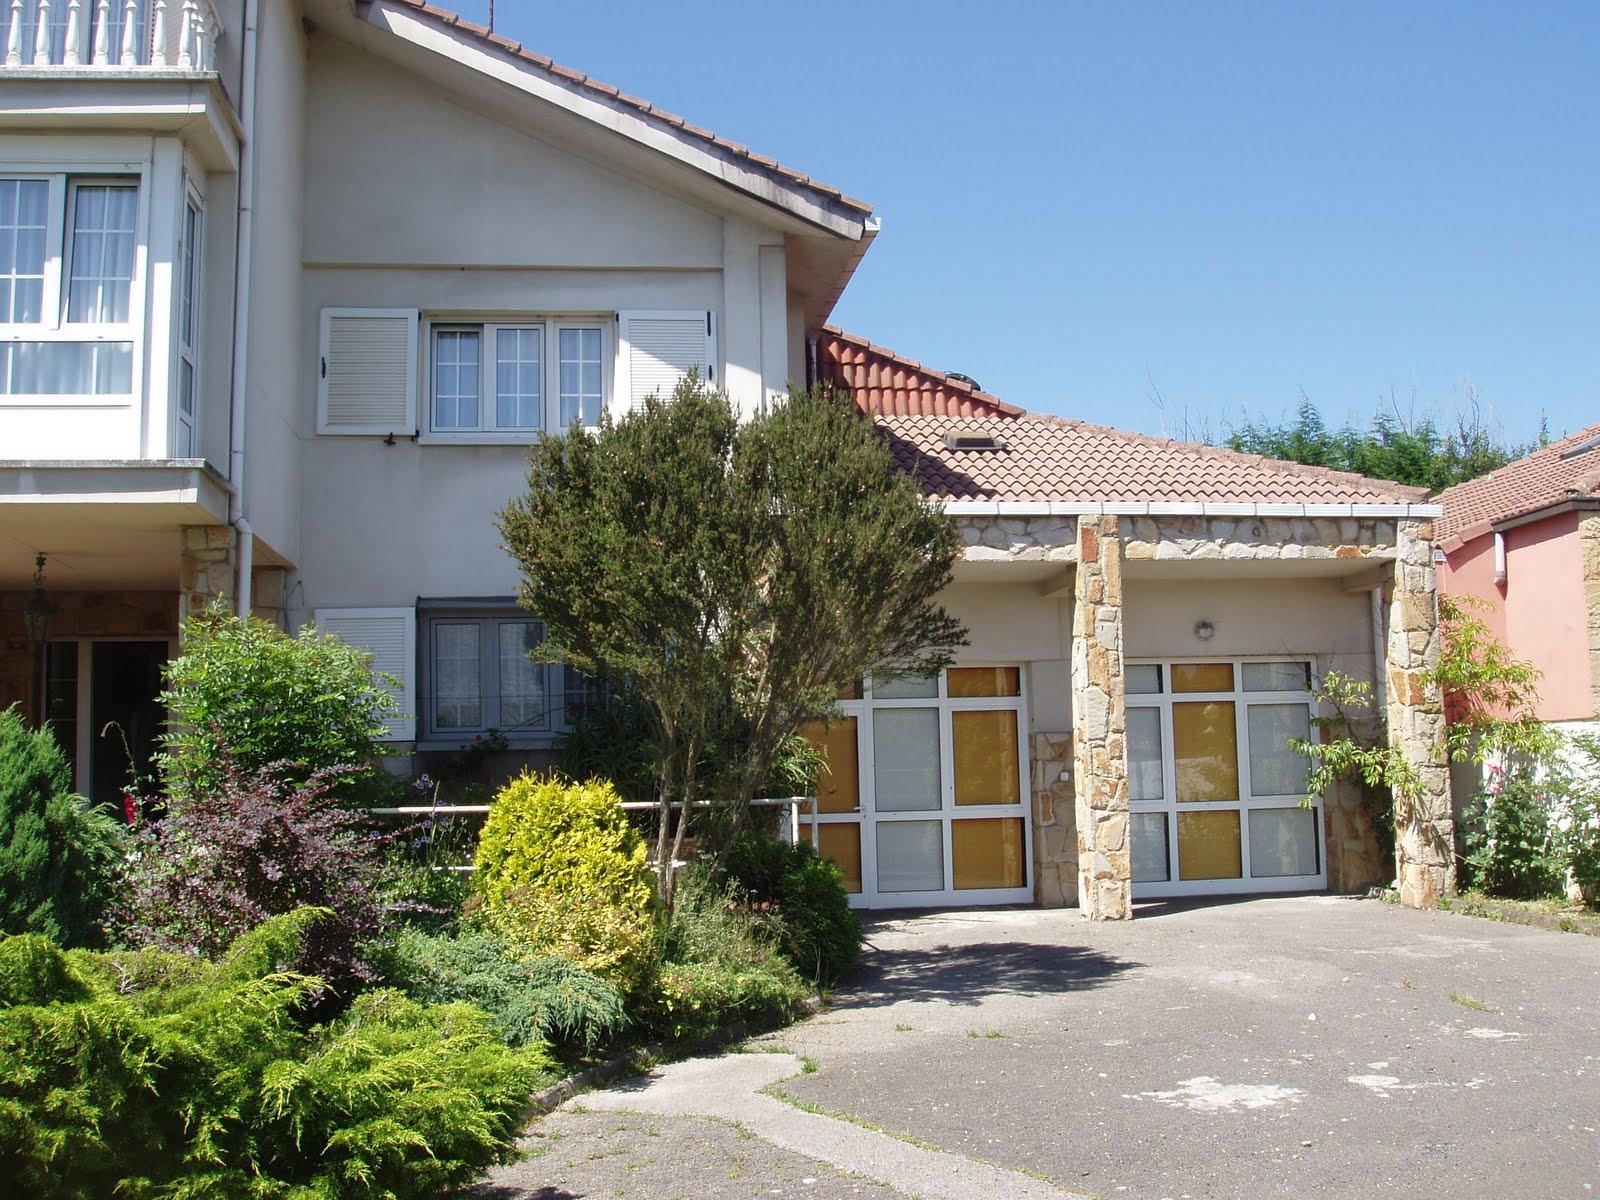 Casa en alquiler gij n asturias entrada y zona de for Alquiler de aparcamiento